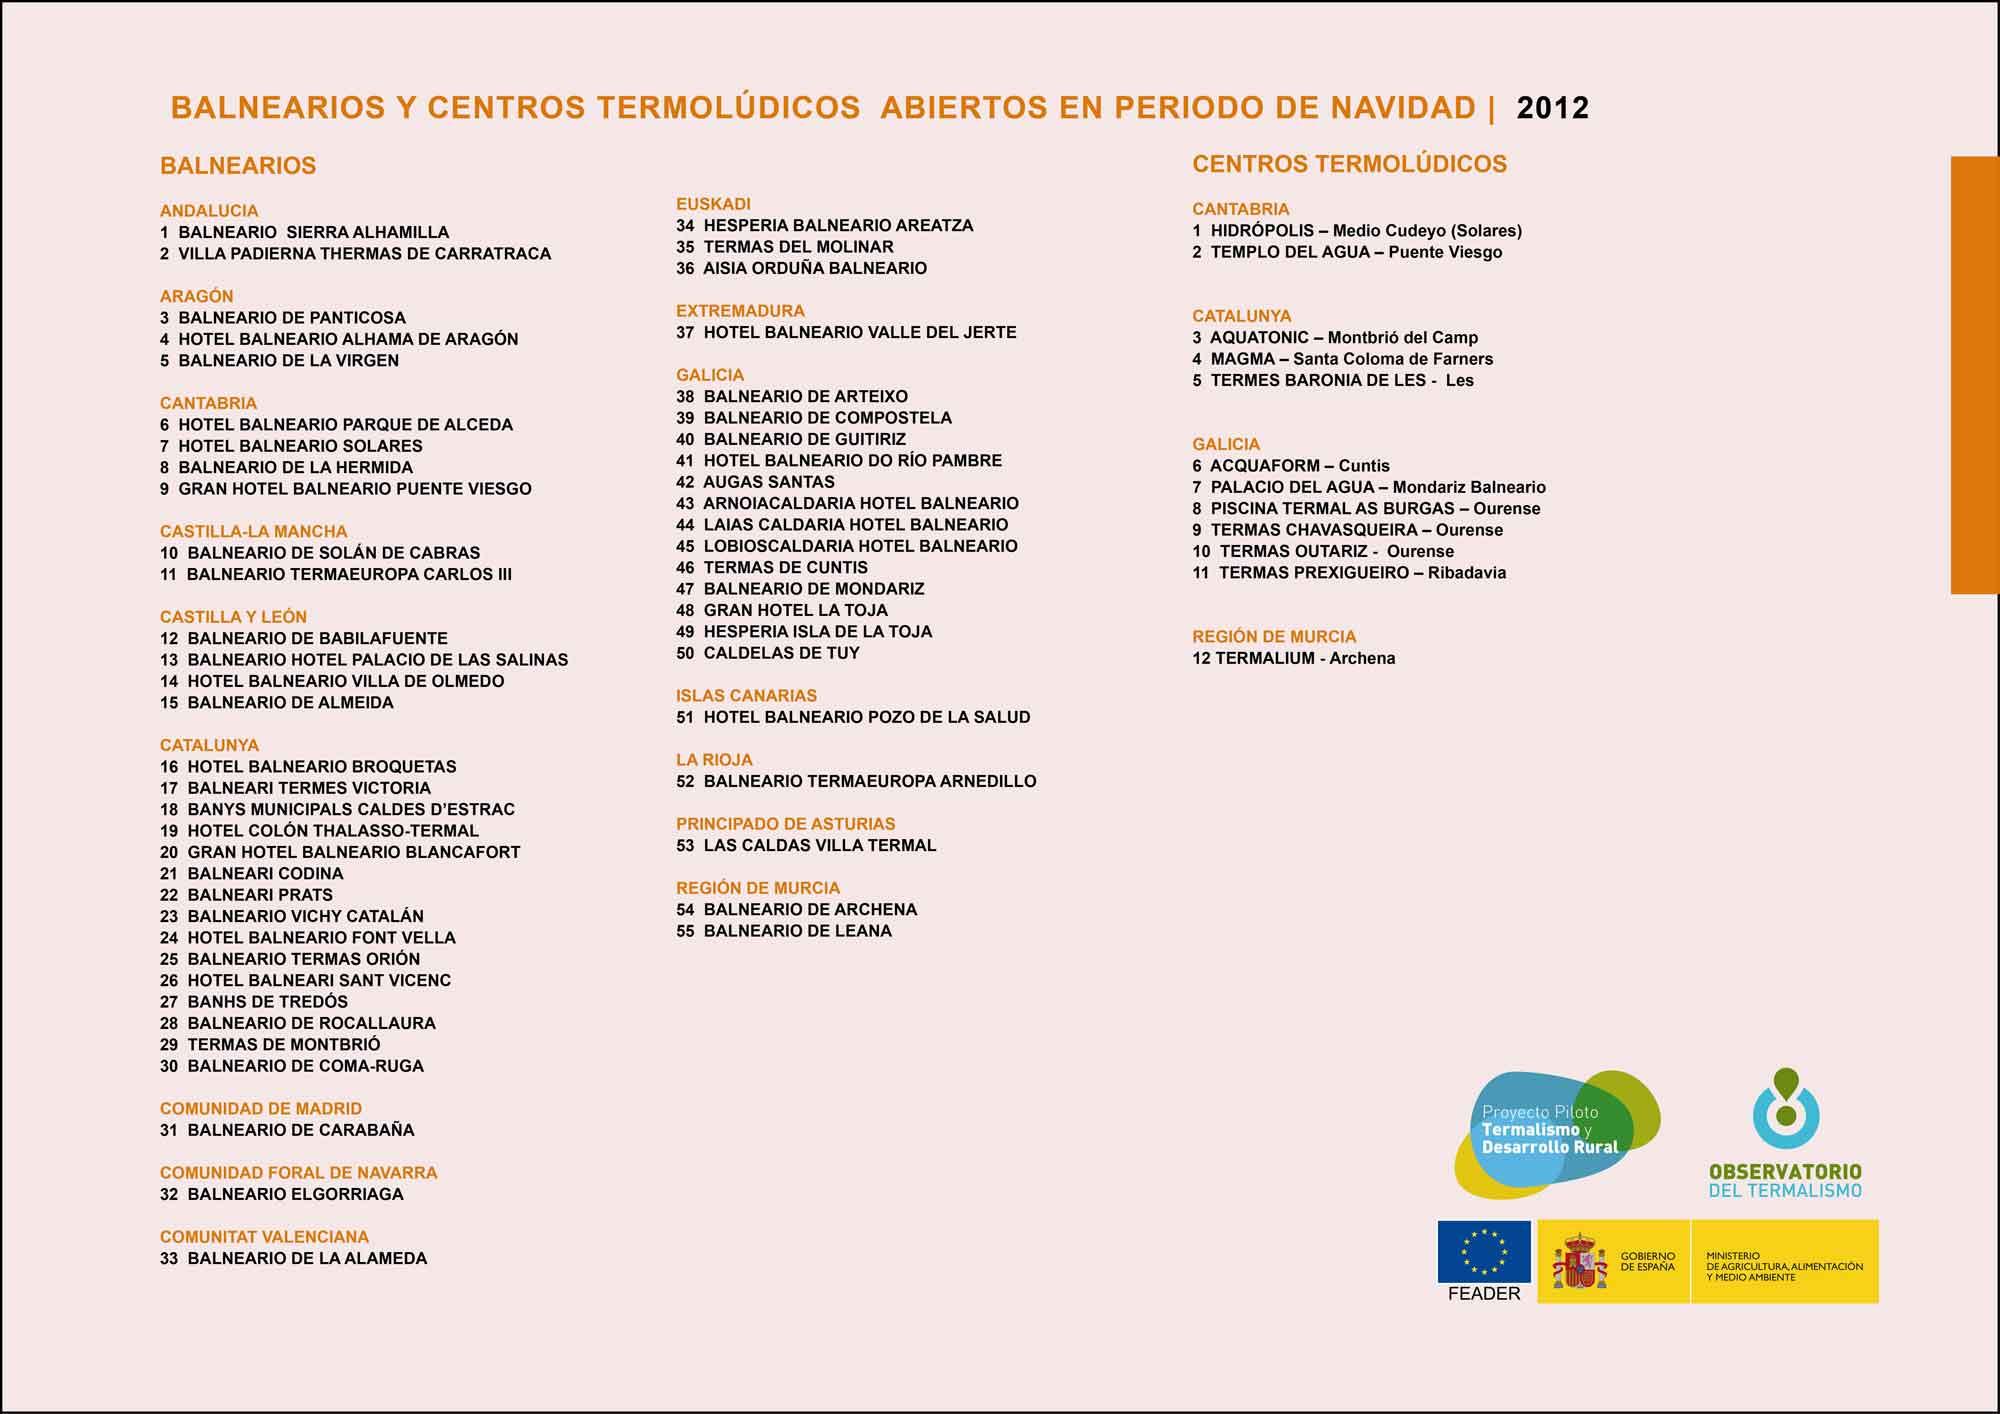 imagen de listado de balnearios y centros termolúdicos abiertos en navidades 2012